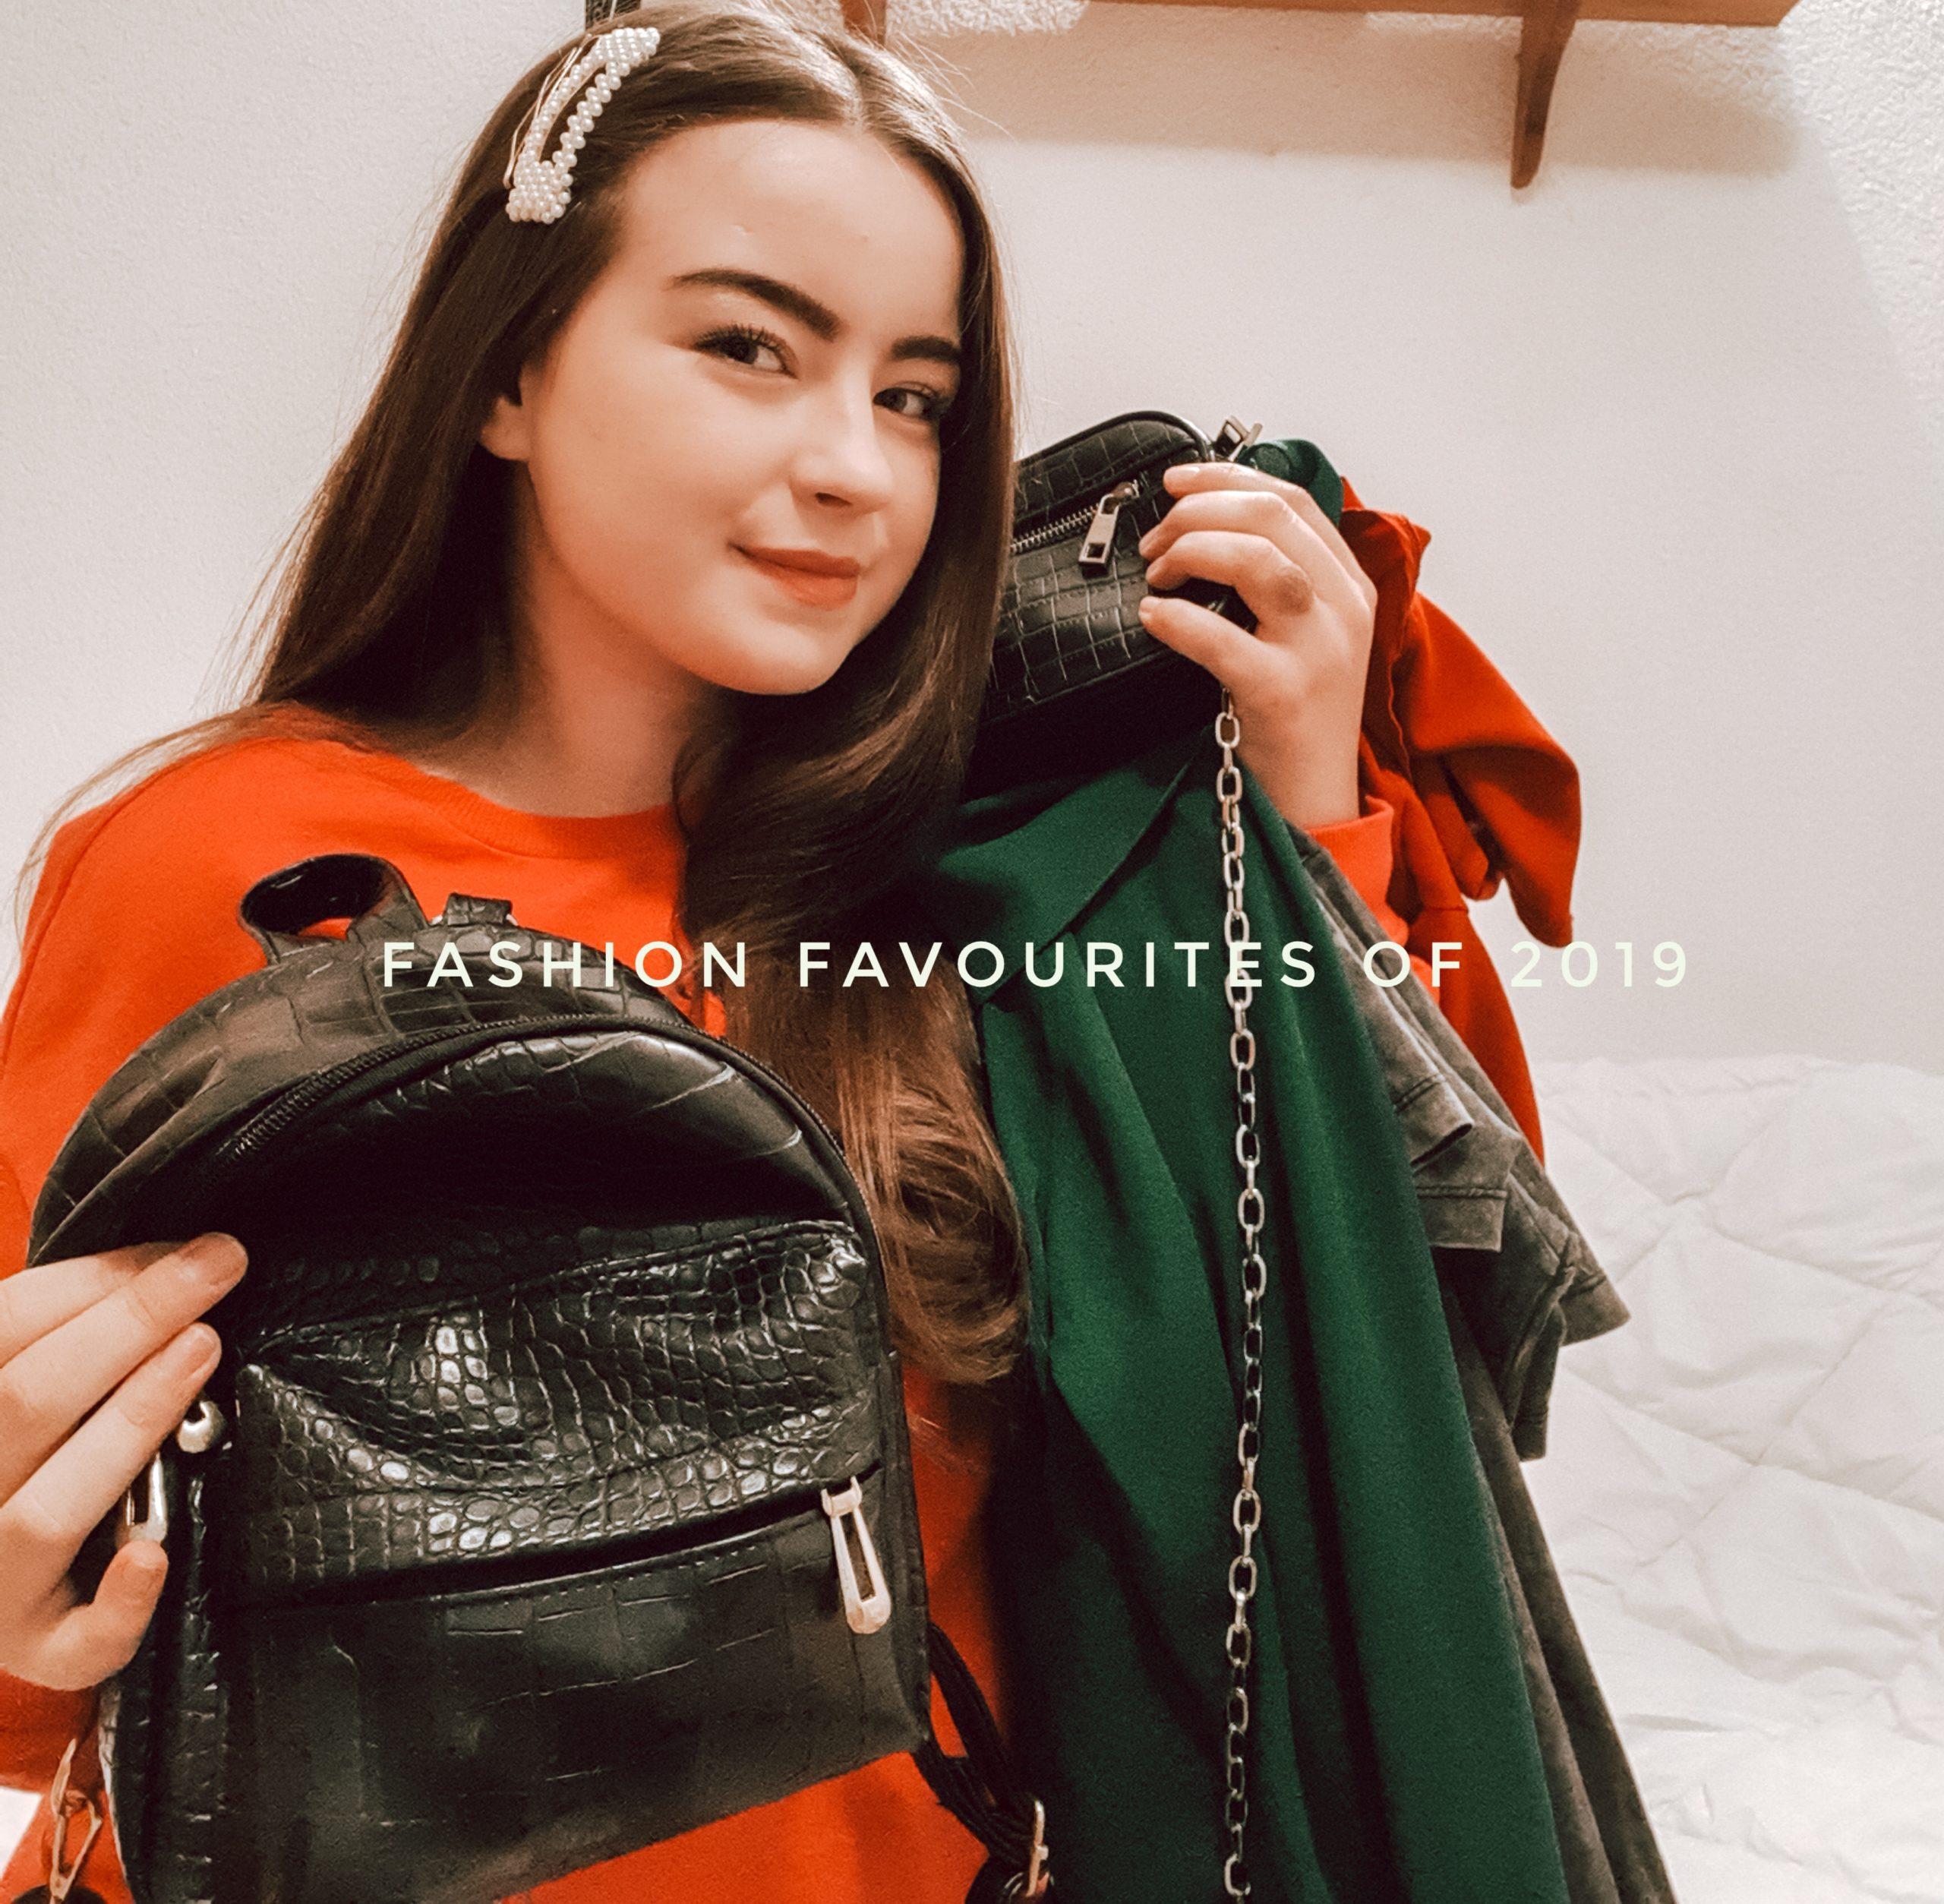 Fashion Favourites of 2019